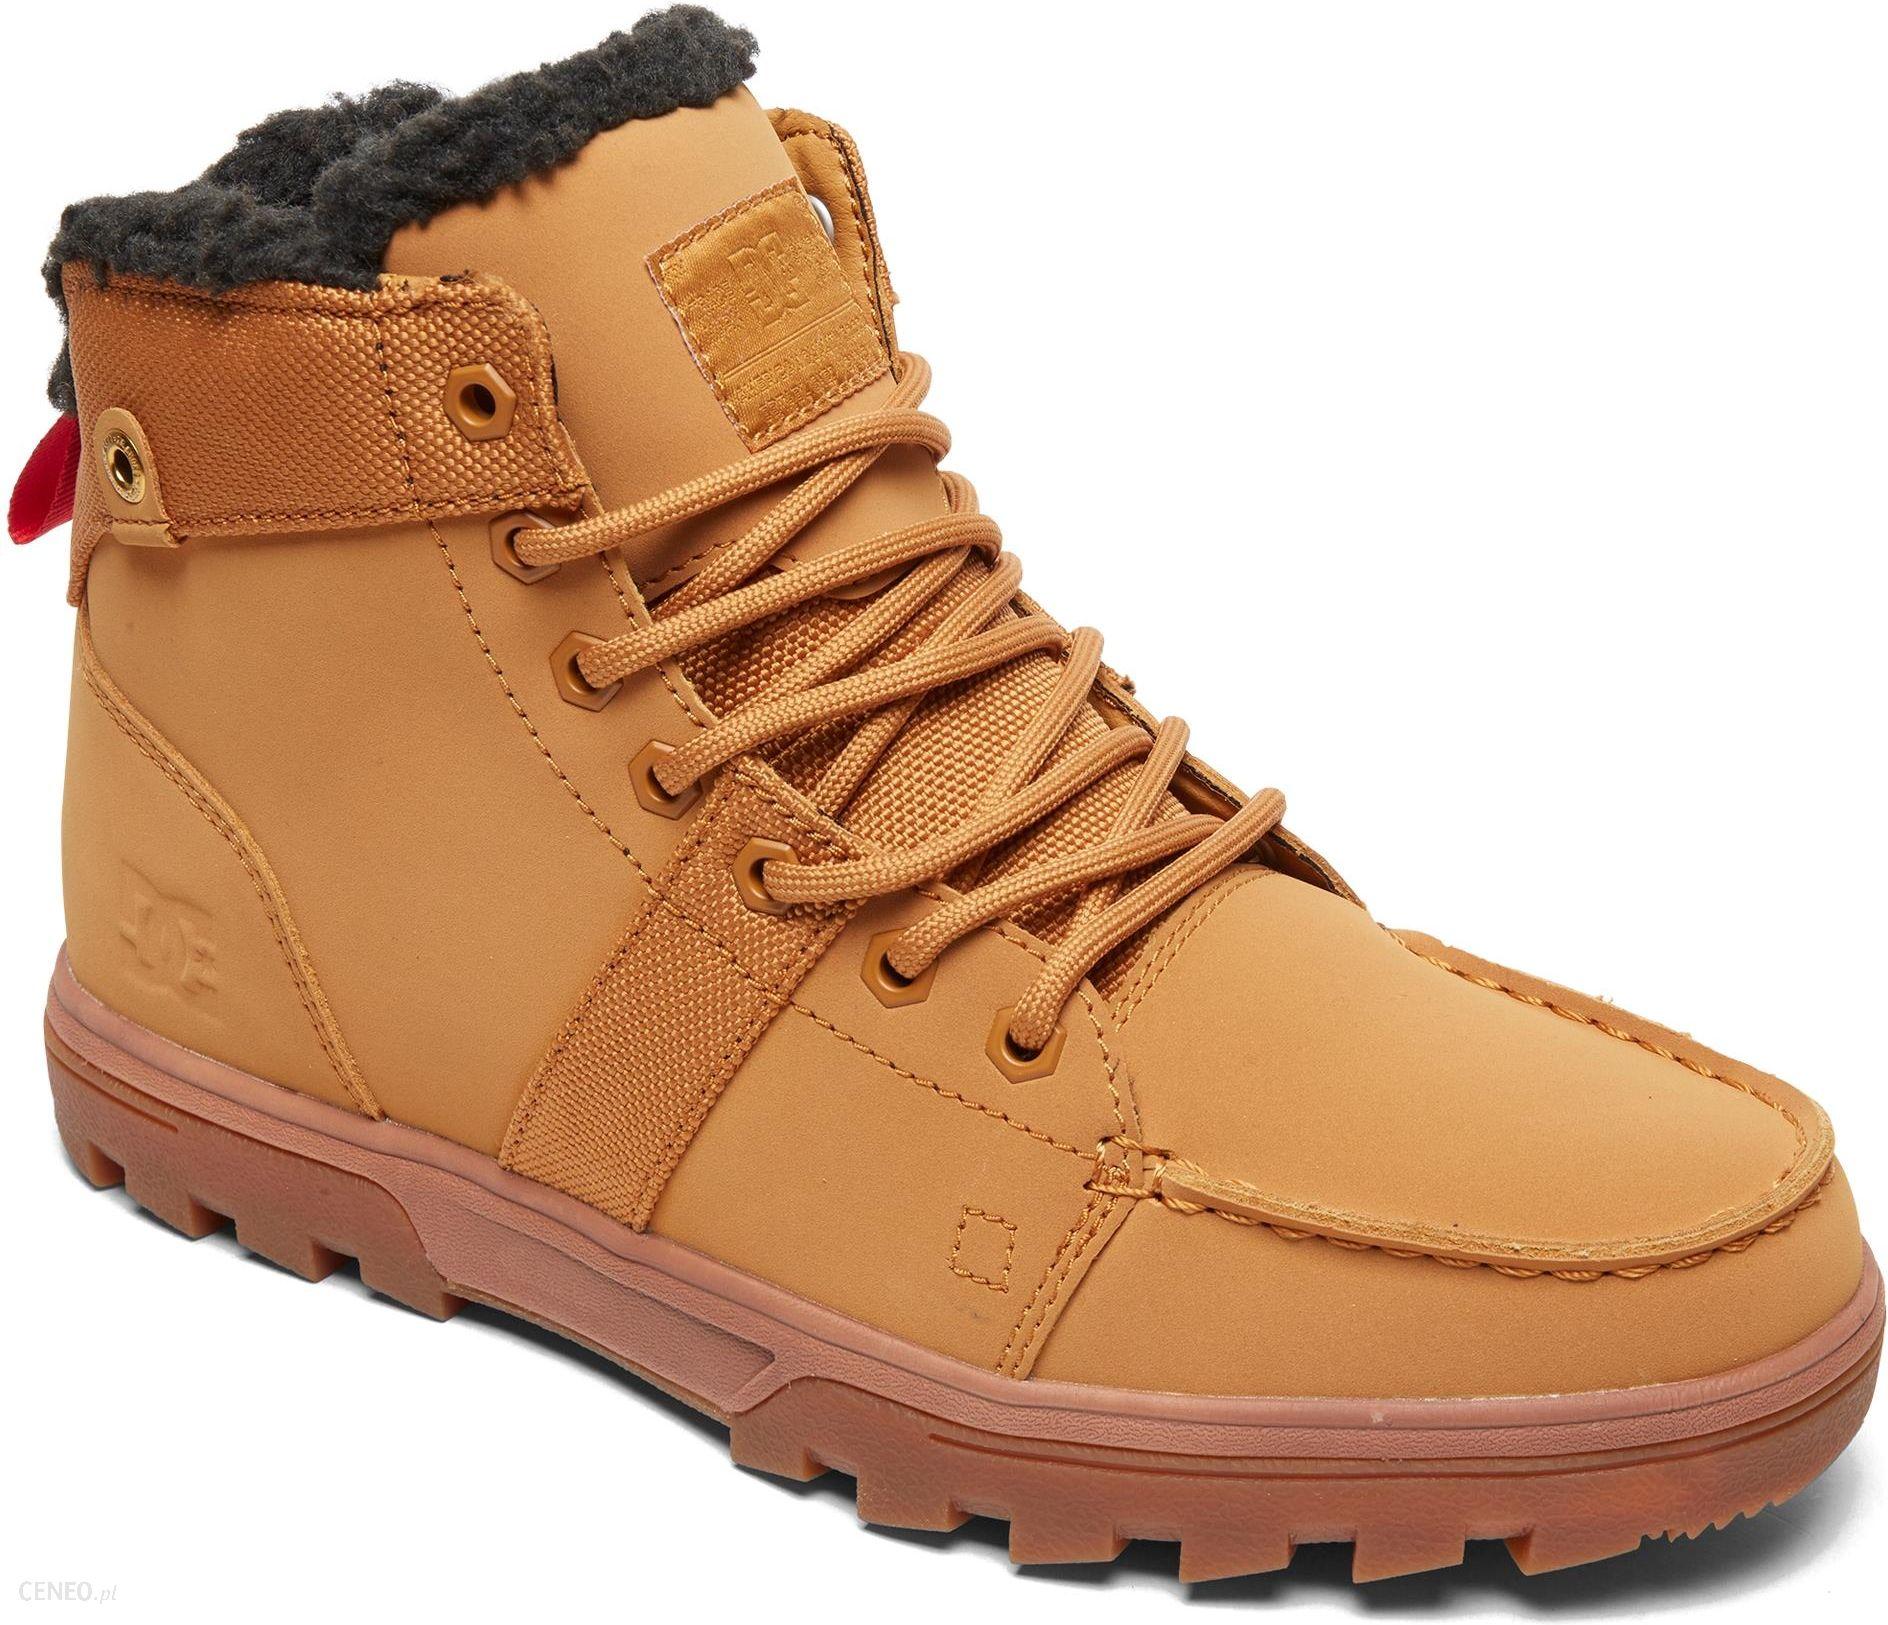 ffe16e322 DC buty zimowe męskie Woodland M Boot Wea Wheat/Black 42,5 - Ceny i ...